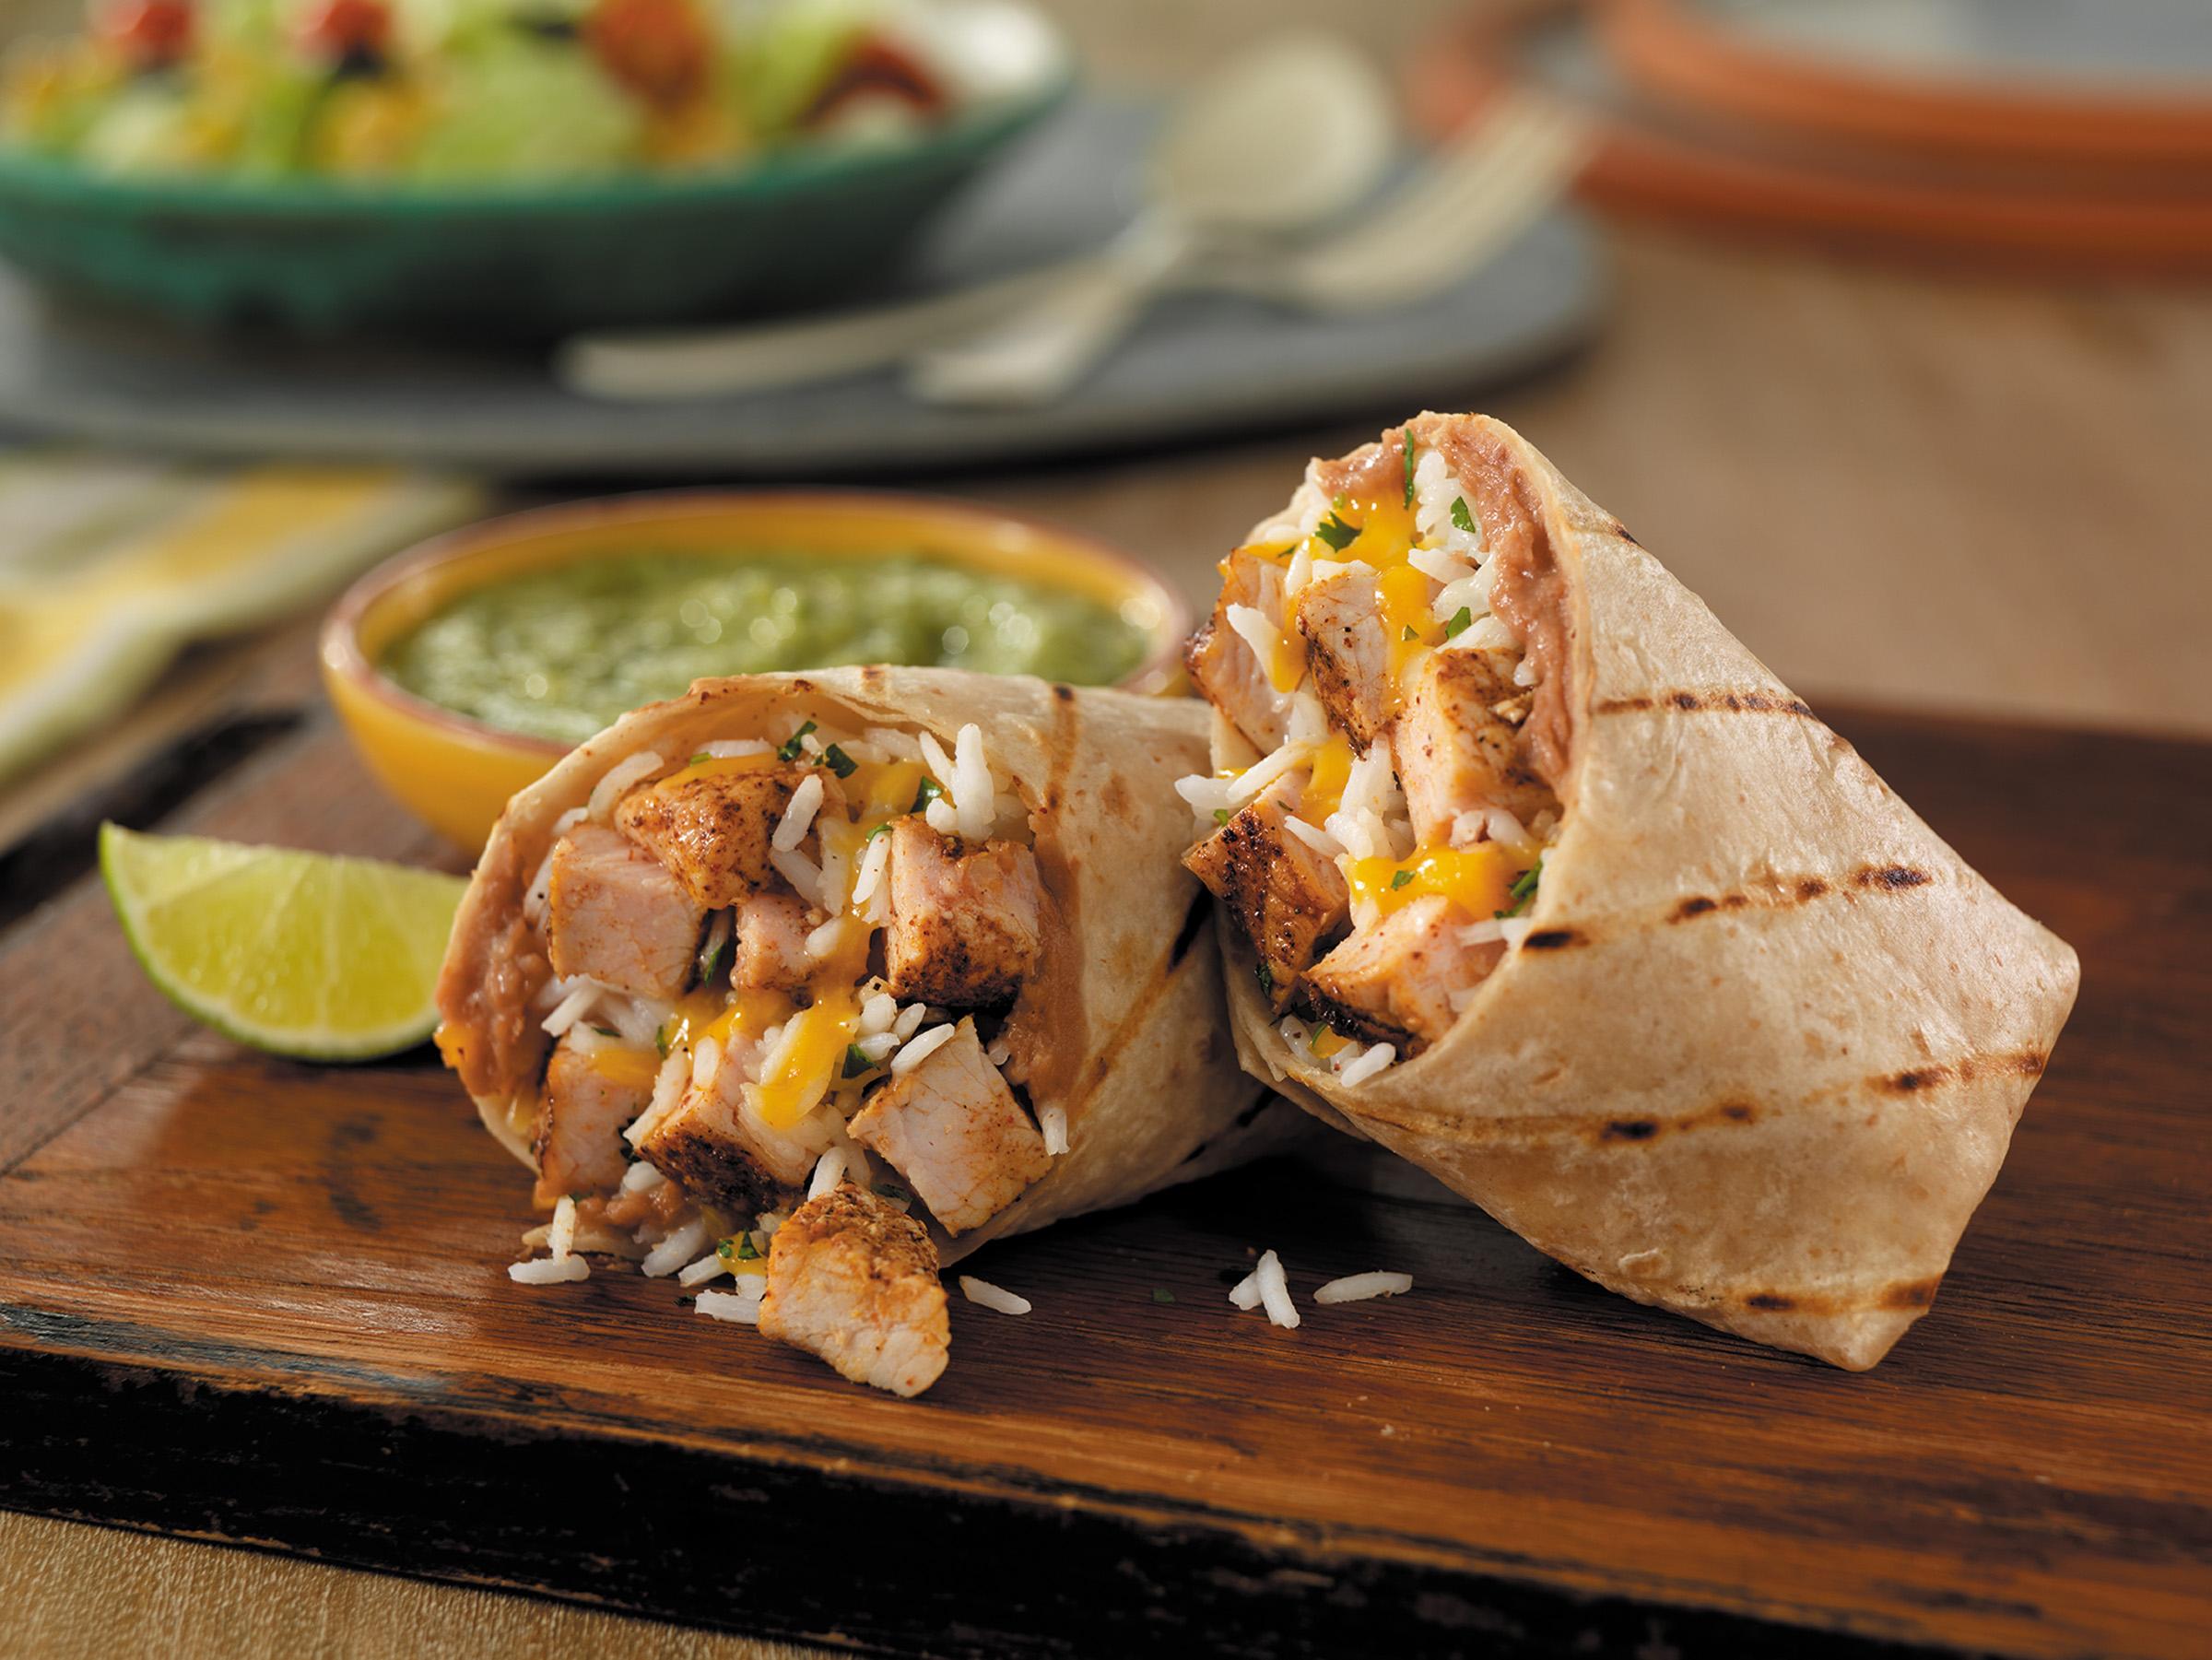 Grilled Pork Burritos With Salsa Verde Pork Recipes